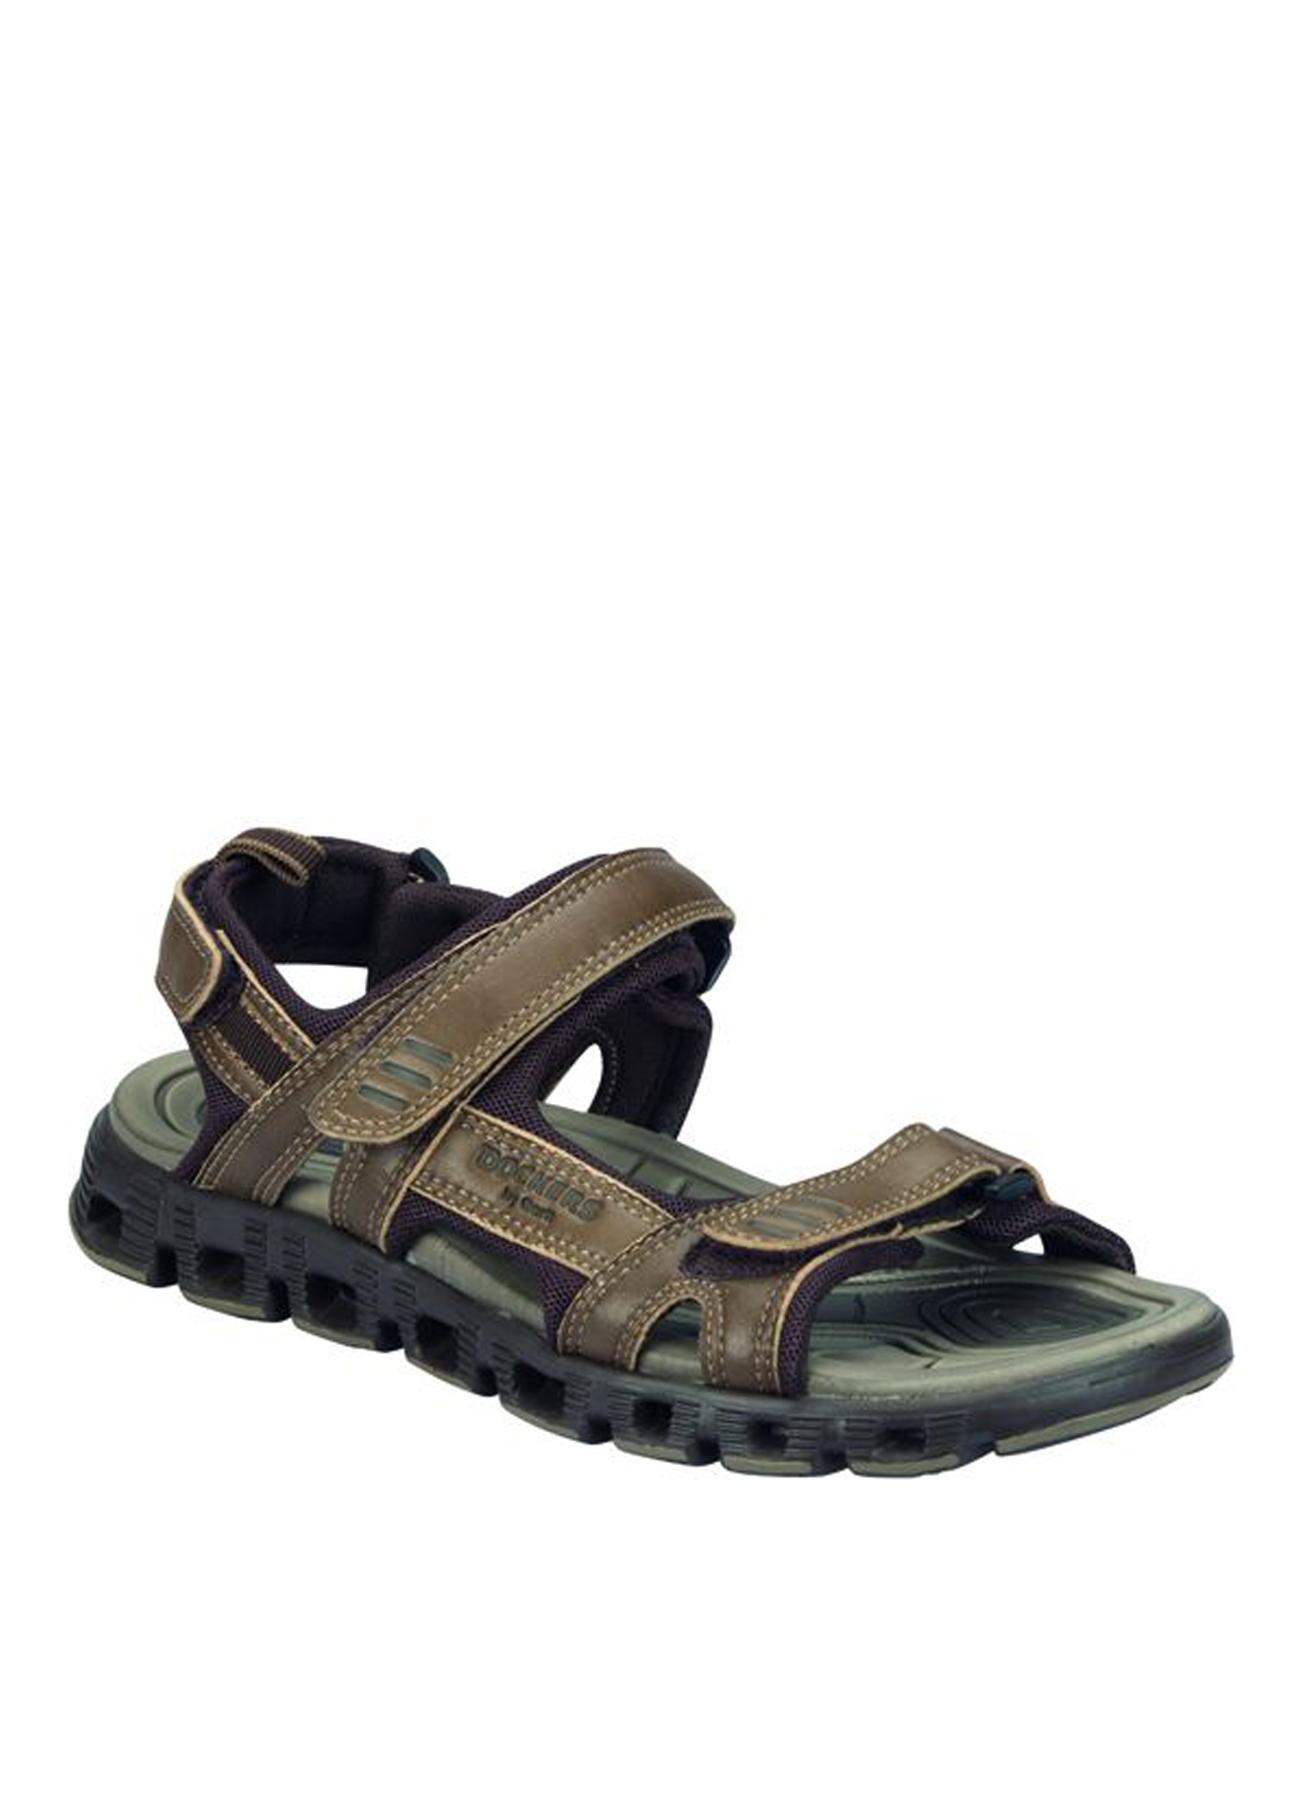 Dockers Sandalet 42 5000205801003 Ürün Resmi